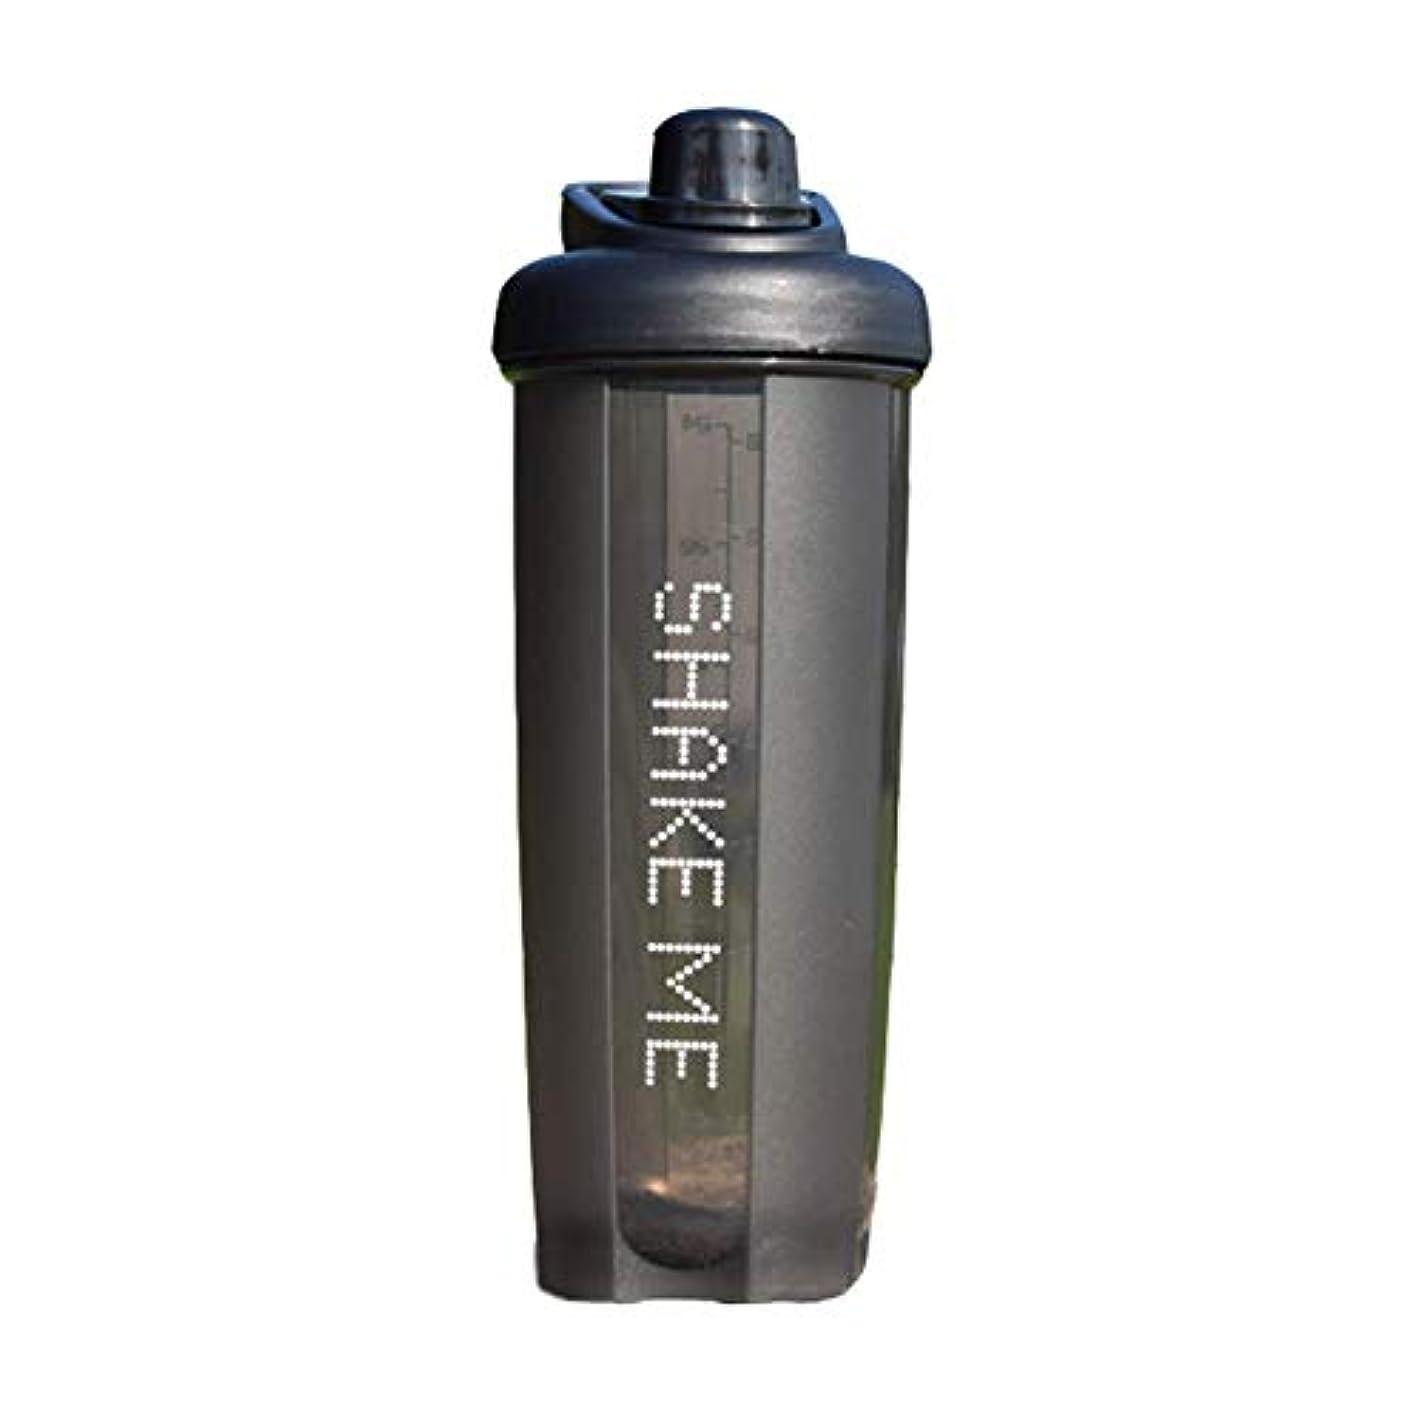 増加する故障悪行GOIOD ブレンダーボトル ミキサー シェーカー ボトル Classic (500-700ml) ブラック